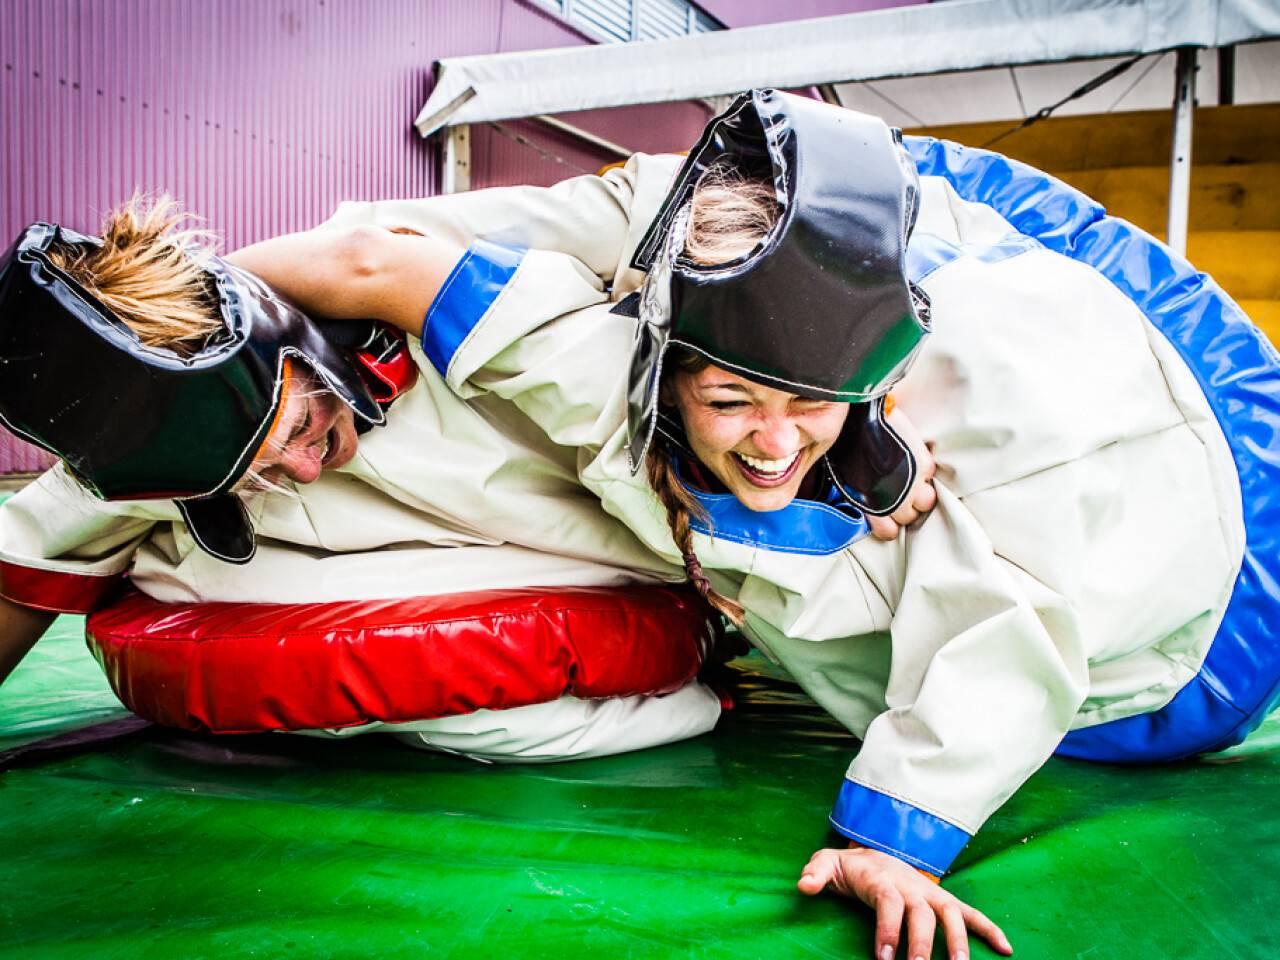 Levend tafelvoetbal & sumo worstelen momenteel niet te boeken